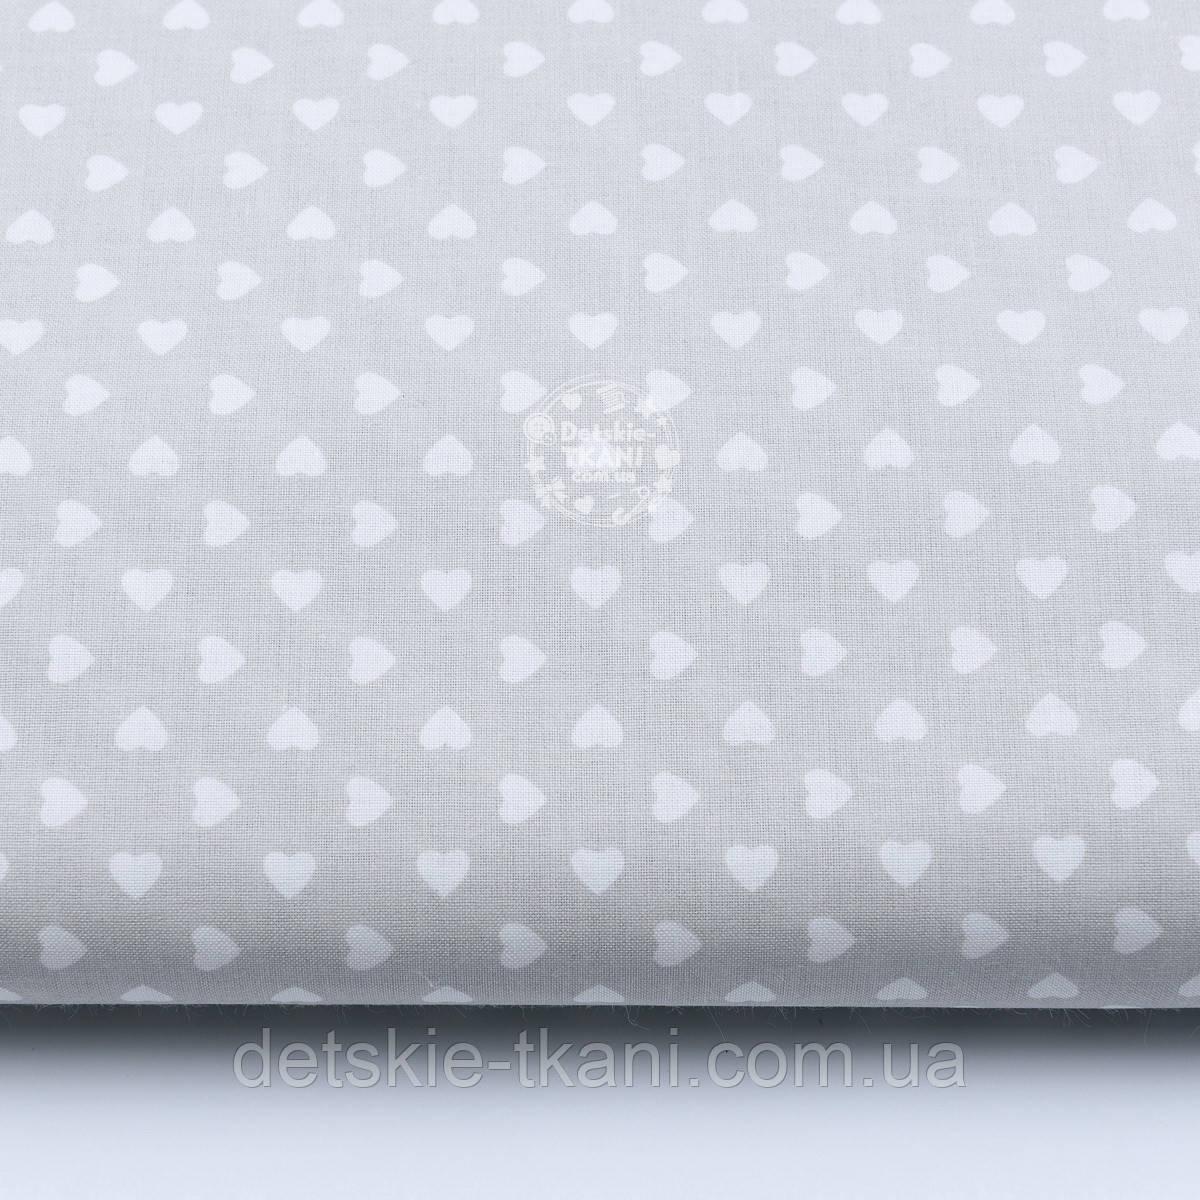 Бязь с маленькими сердечками 6 мм в шахматном порядке на сером фоне (№1859а)